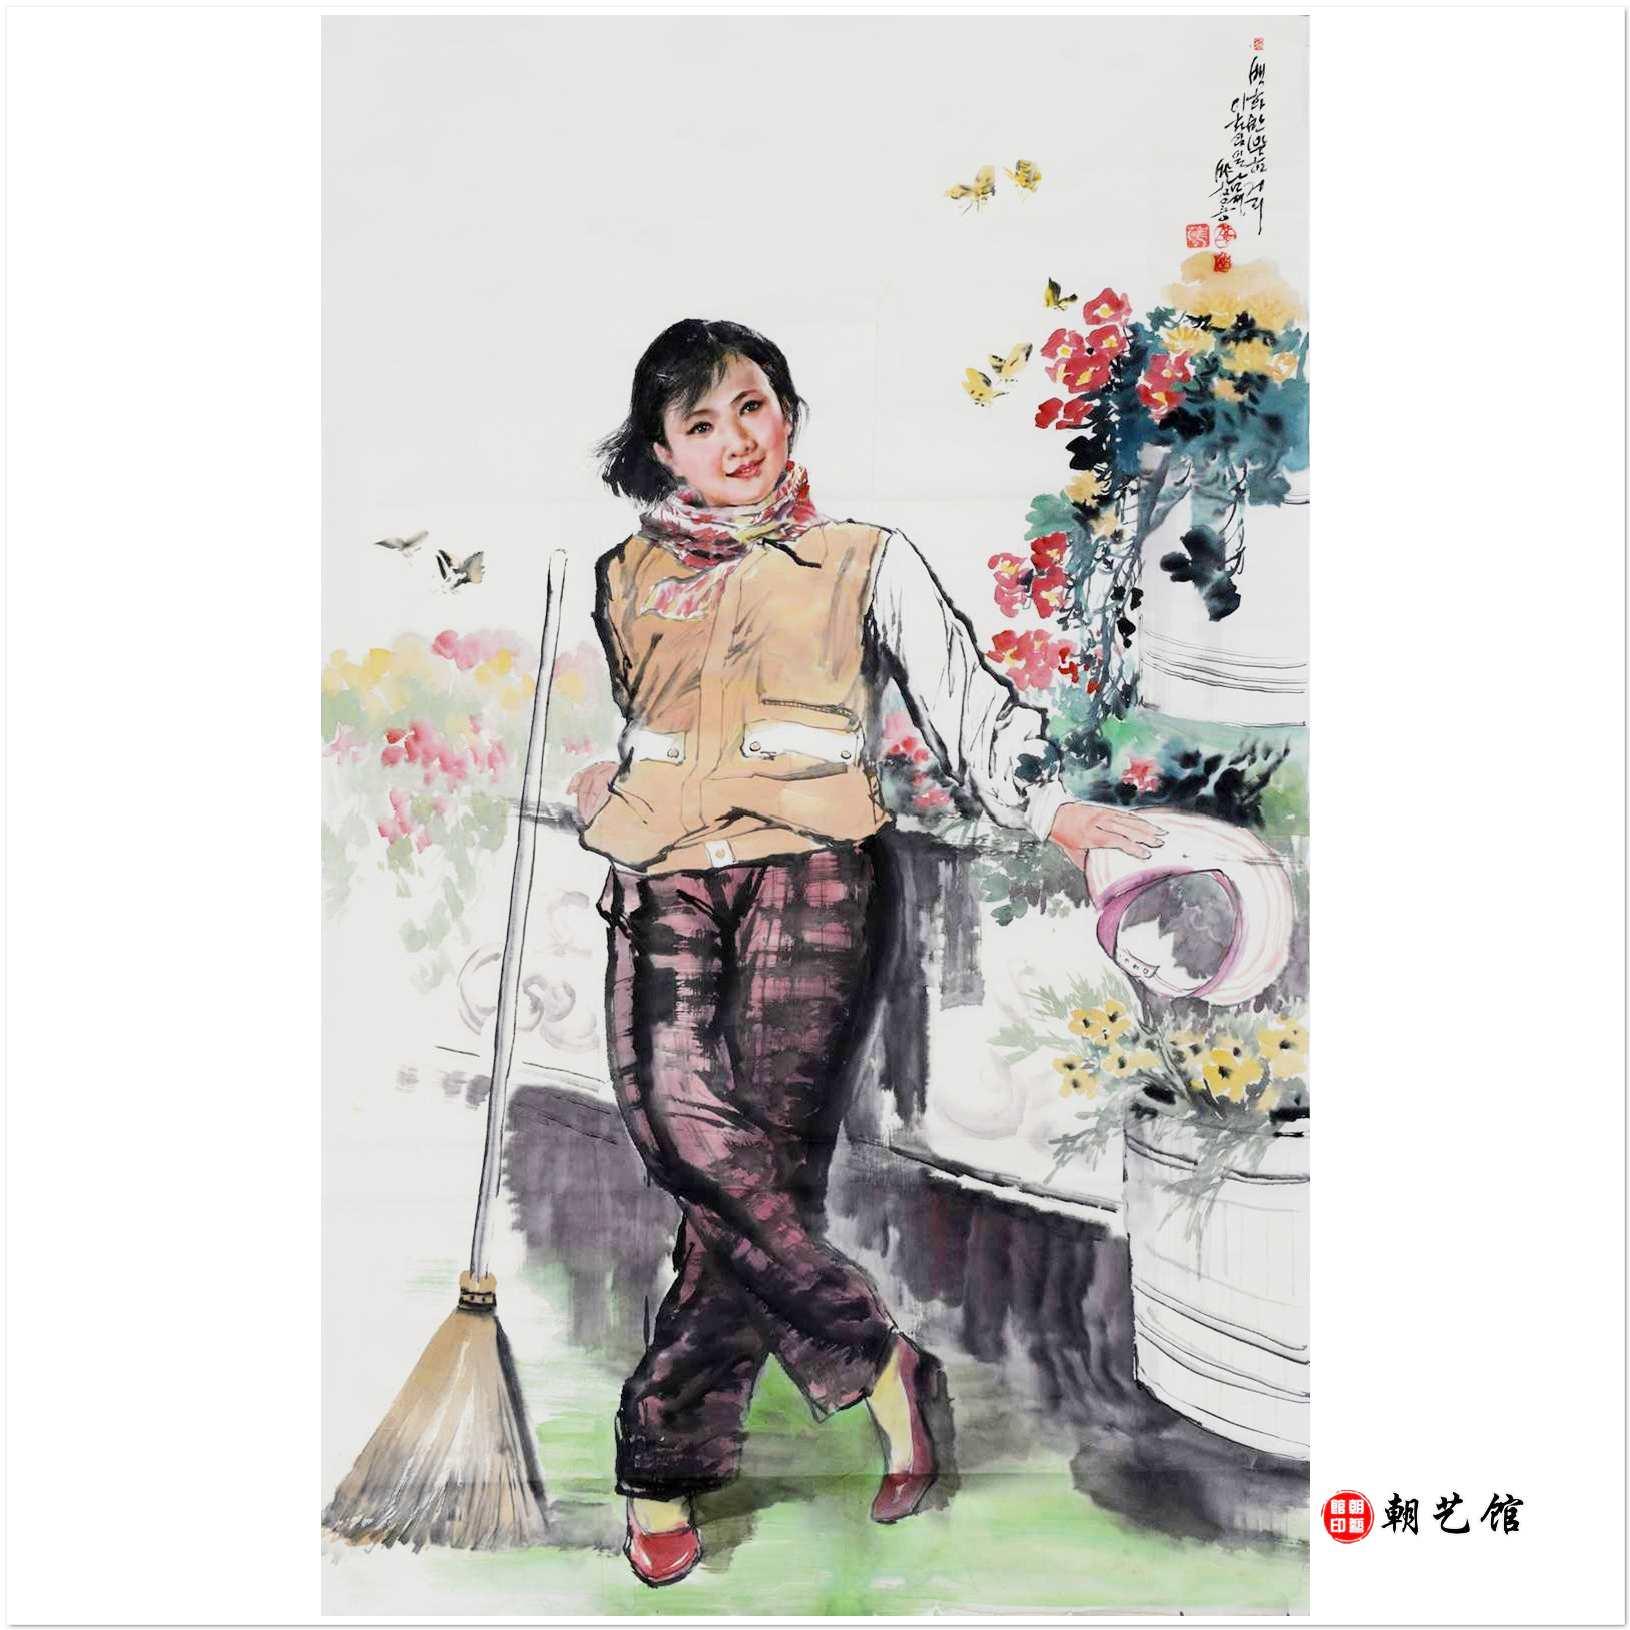 朴昌龙《春天》 朝鲜国画人物